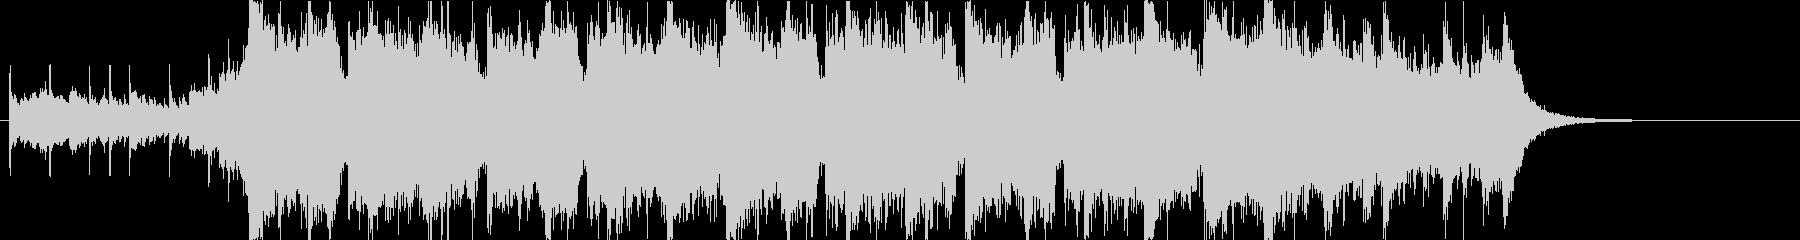 幻想的で壮大なオーケストラOPハーフaの未再生の波形